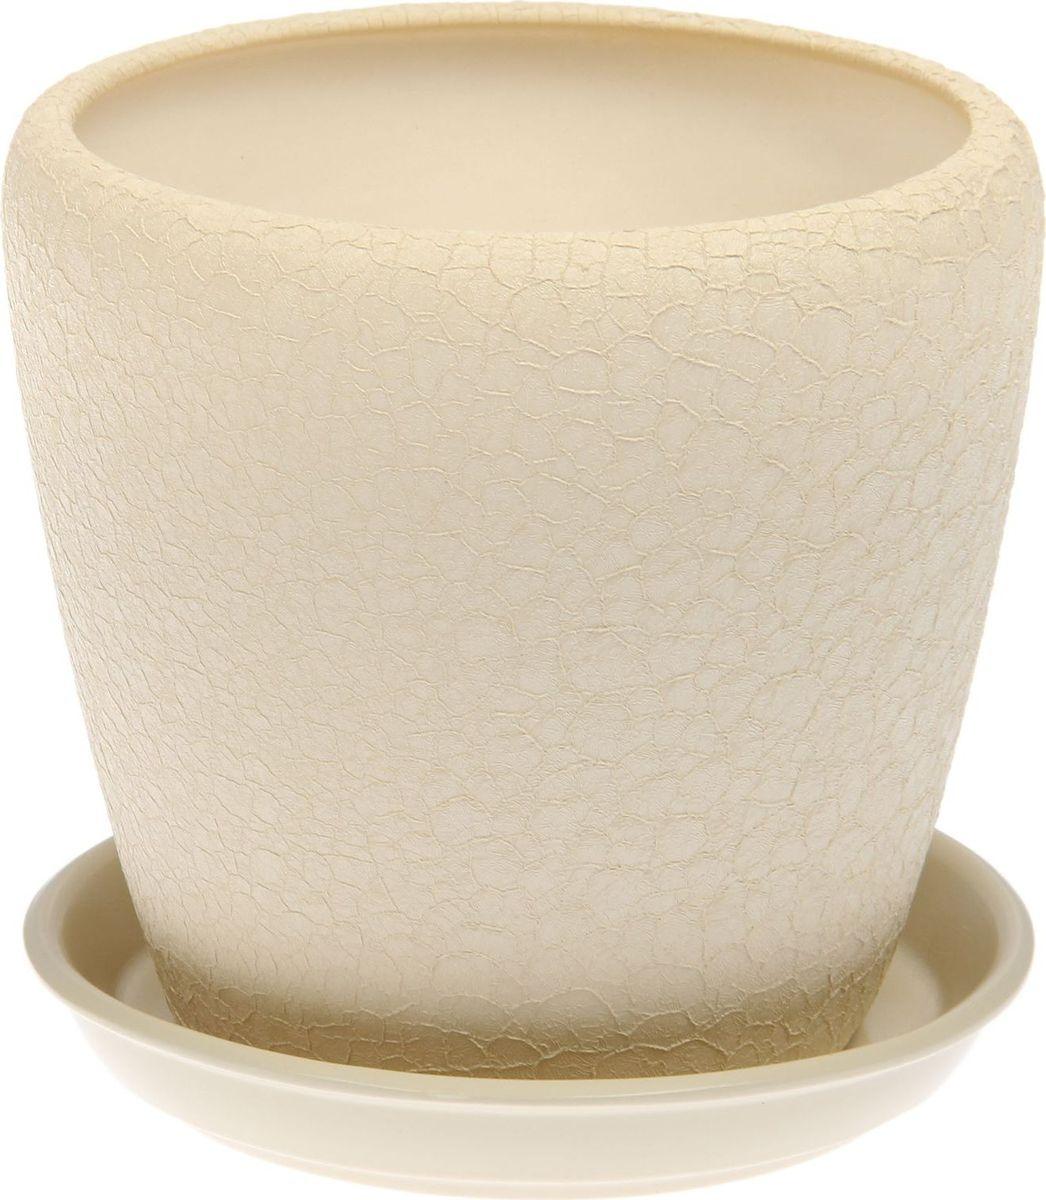 Кашпо Керамика ручной работы Грация, цвет: бежевый, 4,5 л1489688Комнатные растения - всеобщие любимцы. Они радуют глаз, насыщают помещение кислородом и украшают пространство. Каждому из них необходим свой удобный и красивый дом. Кашпо Грация из керамики прекрасно подходят для высадки растений: пористый материал позволяет испаряться лишней влаге, а воздух, необходимый для дыхания корней, проникает сквозь керамические стенки.Кашпо Грация позаботится о зеленом питомце, освежит интерьер и подчеркнет его стиль.